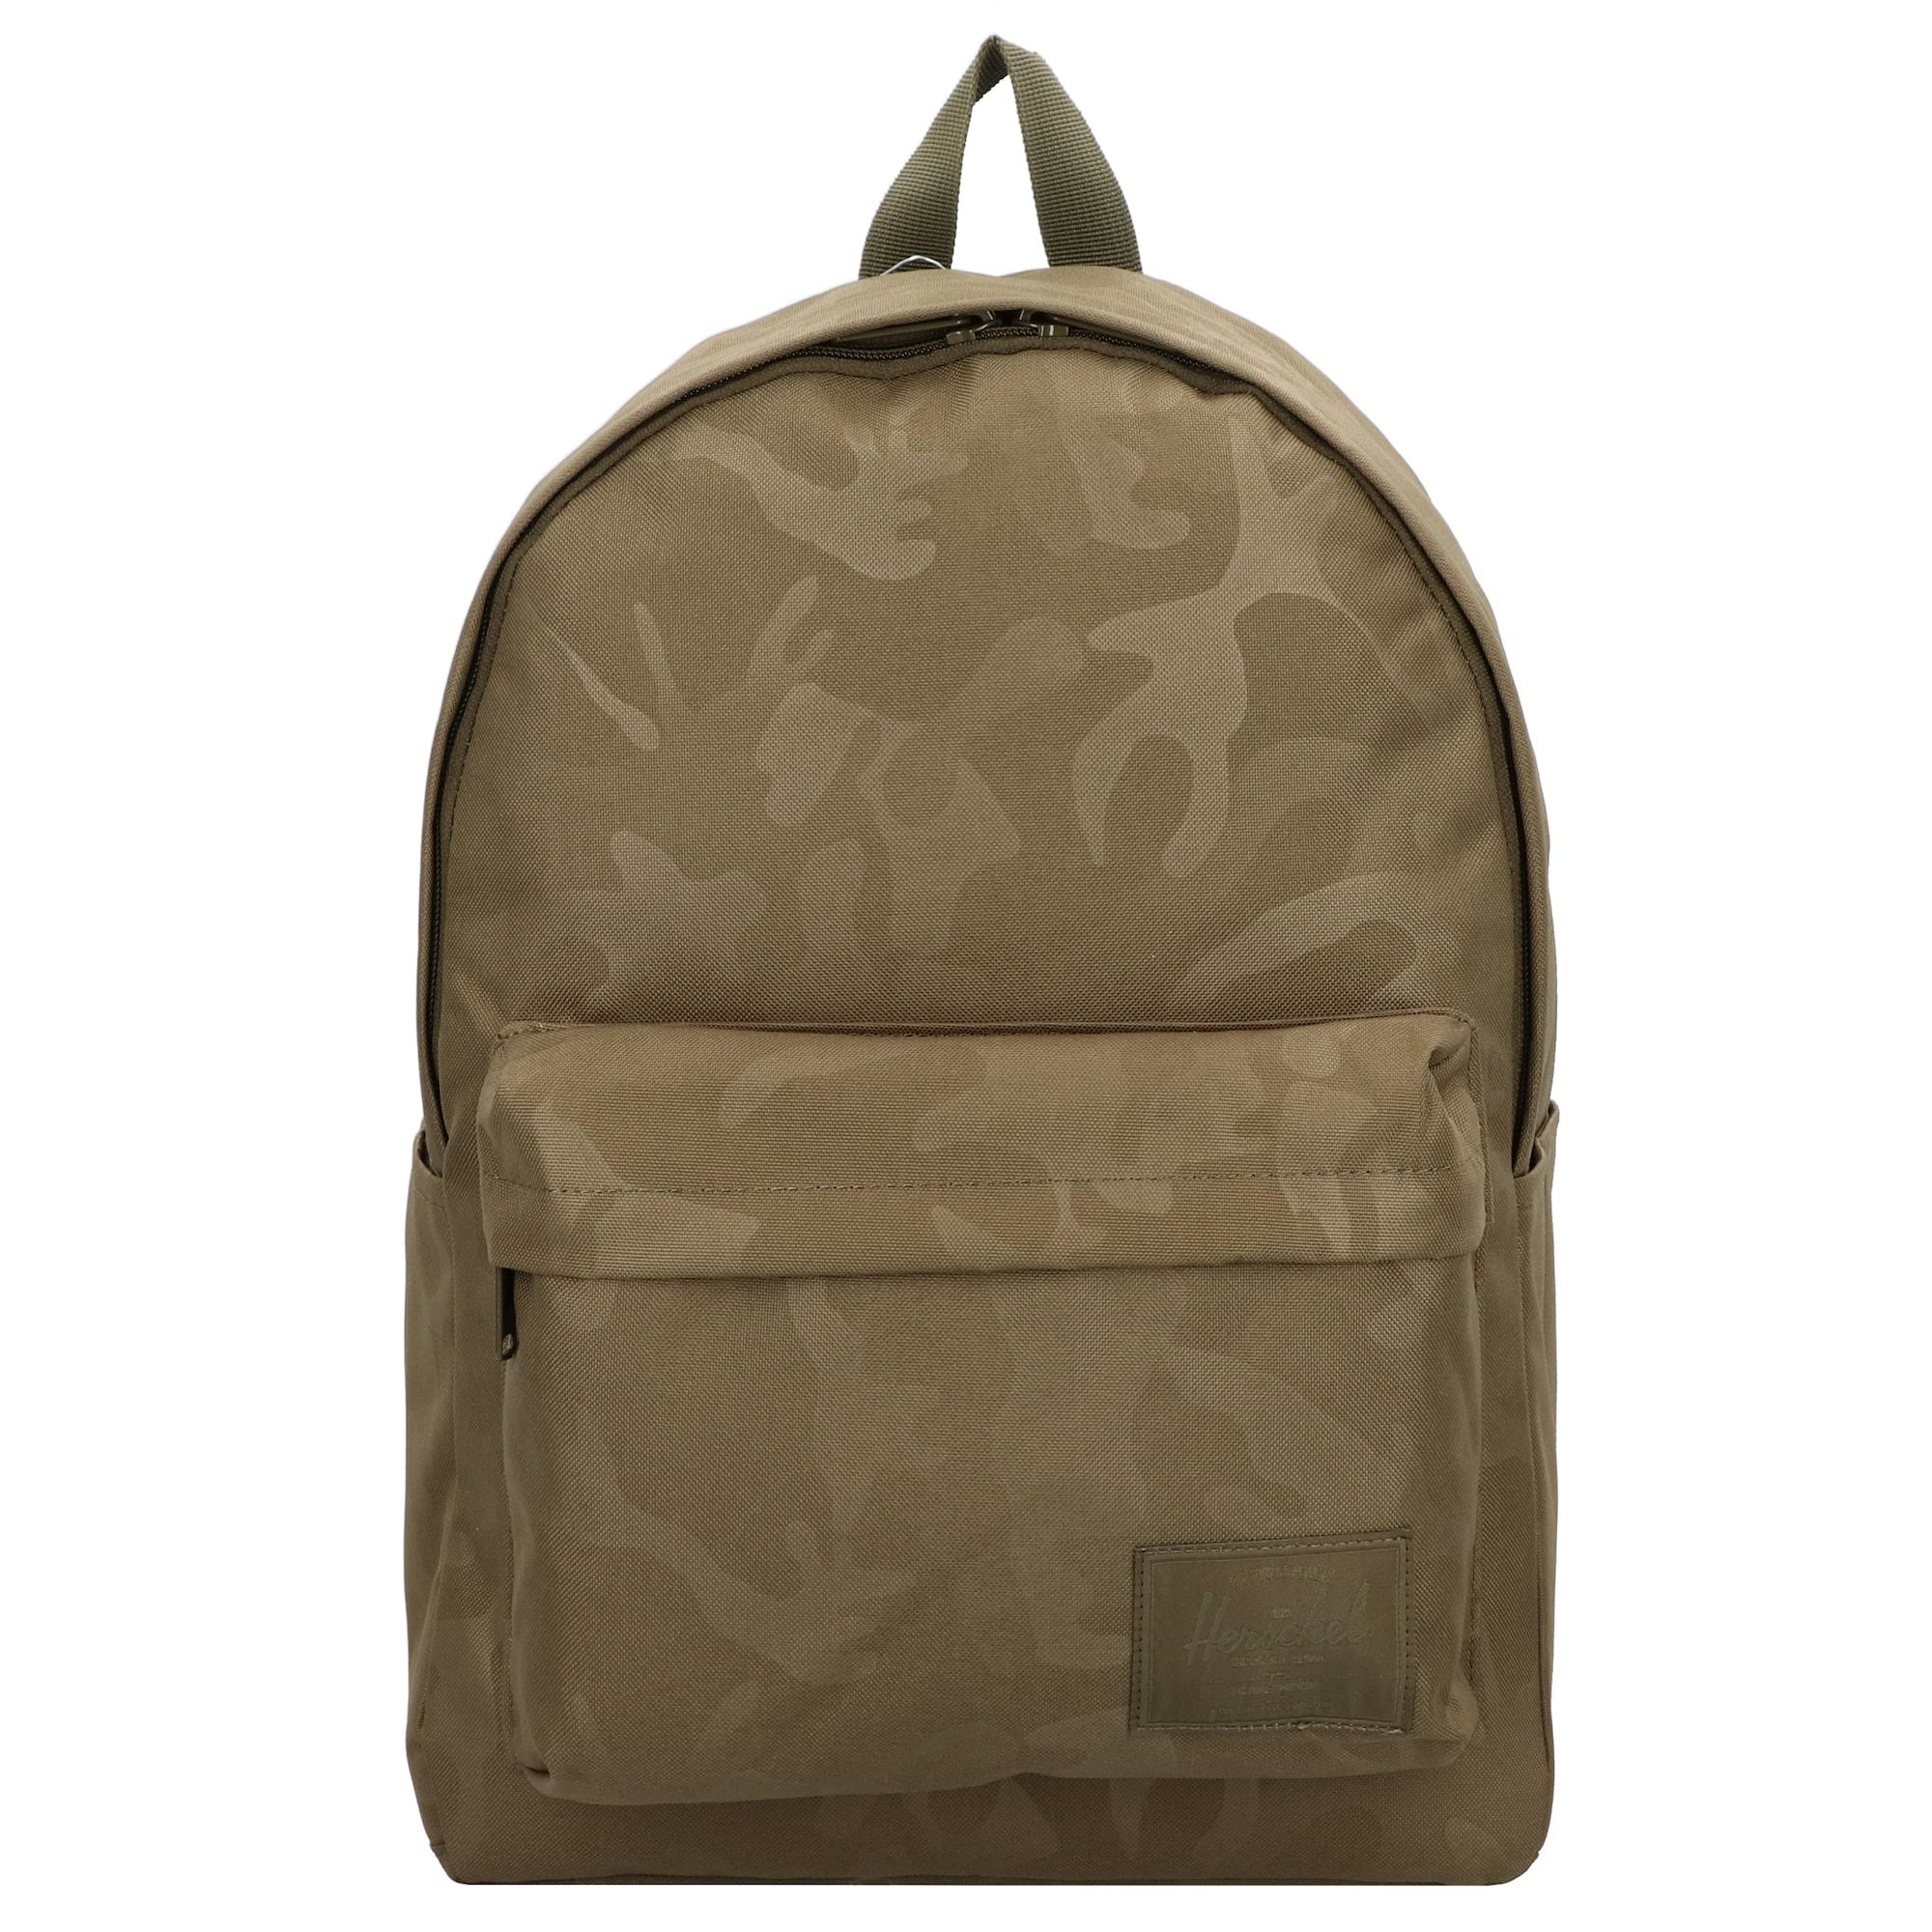 Rucksack | Taschen > Rucksäcke | Herschel